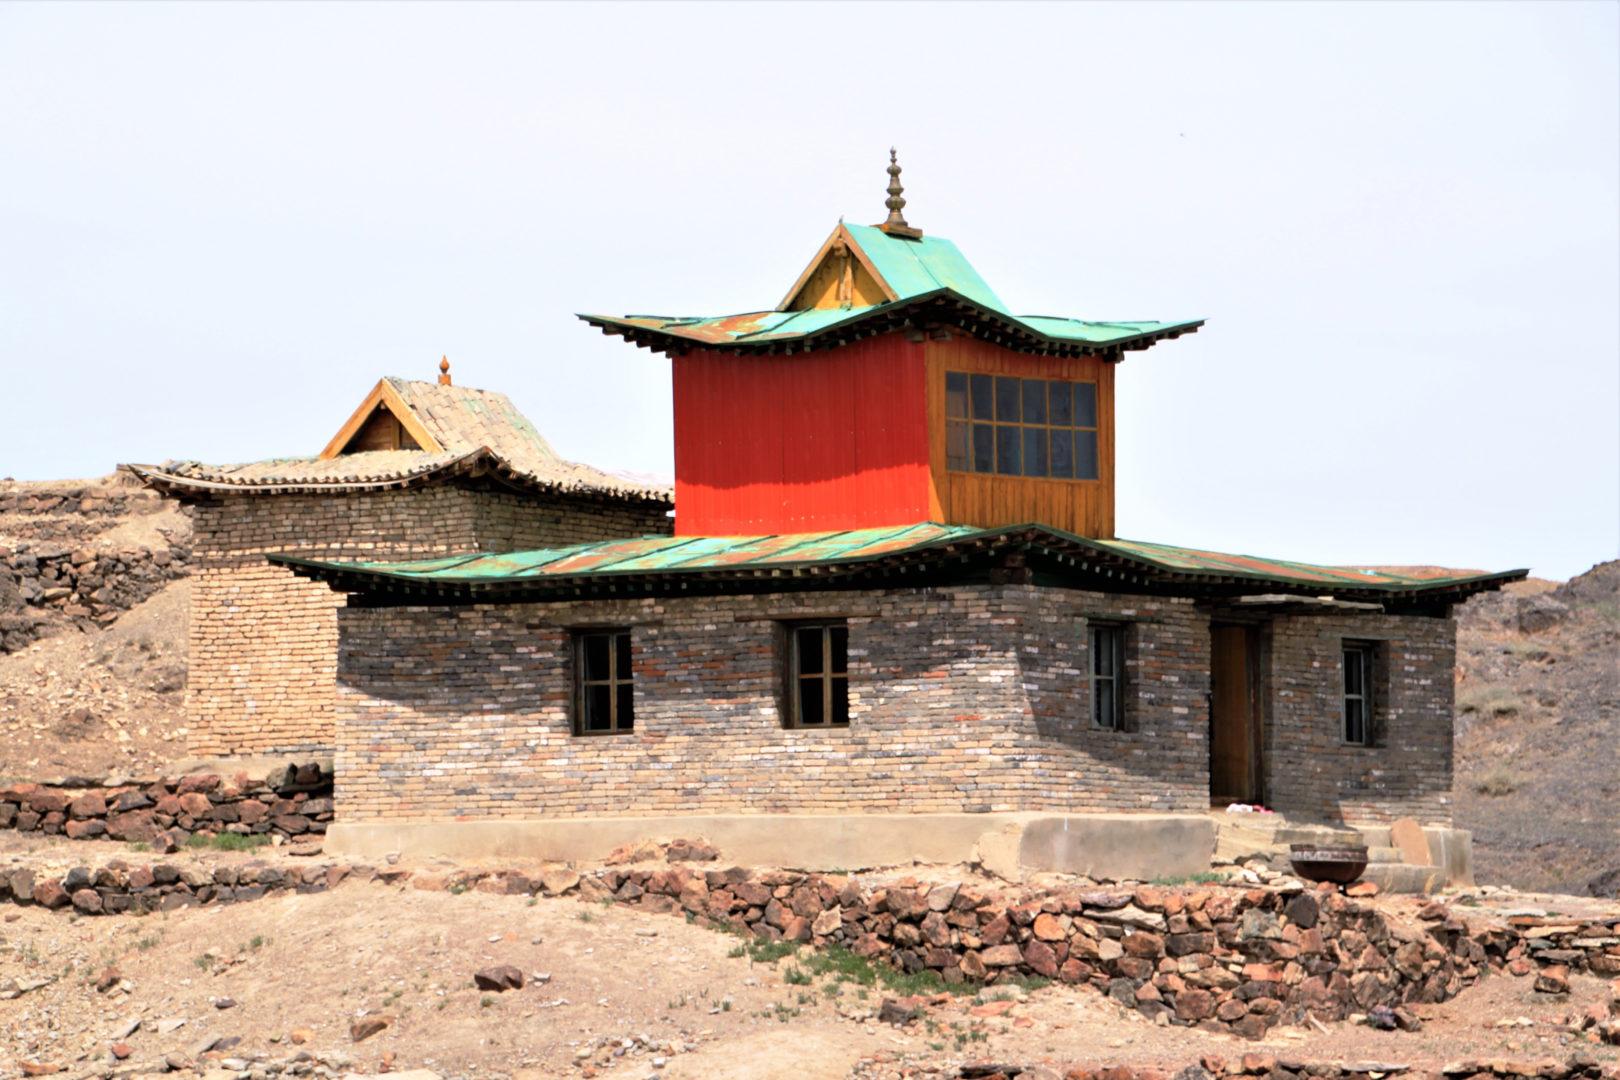 Tempel in der Wüste Gobi